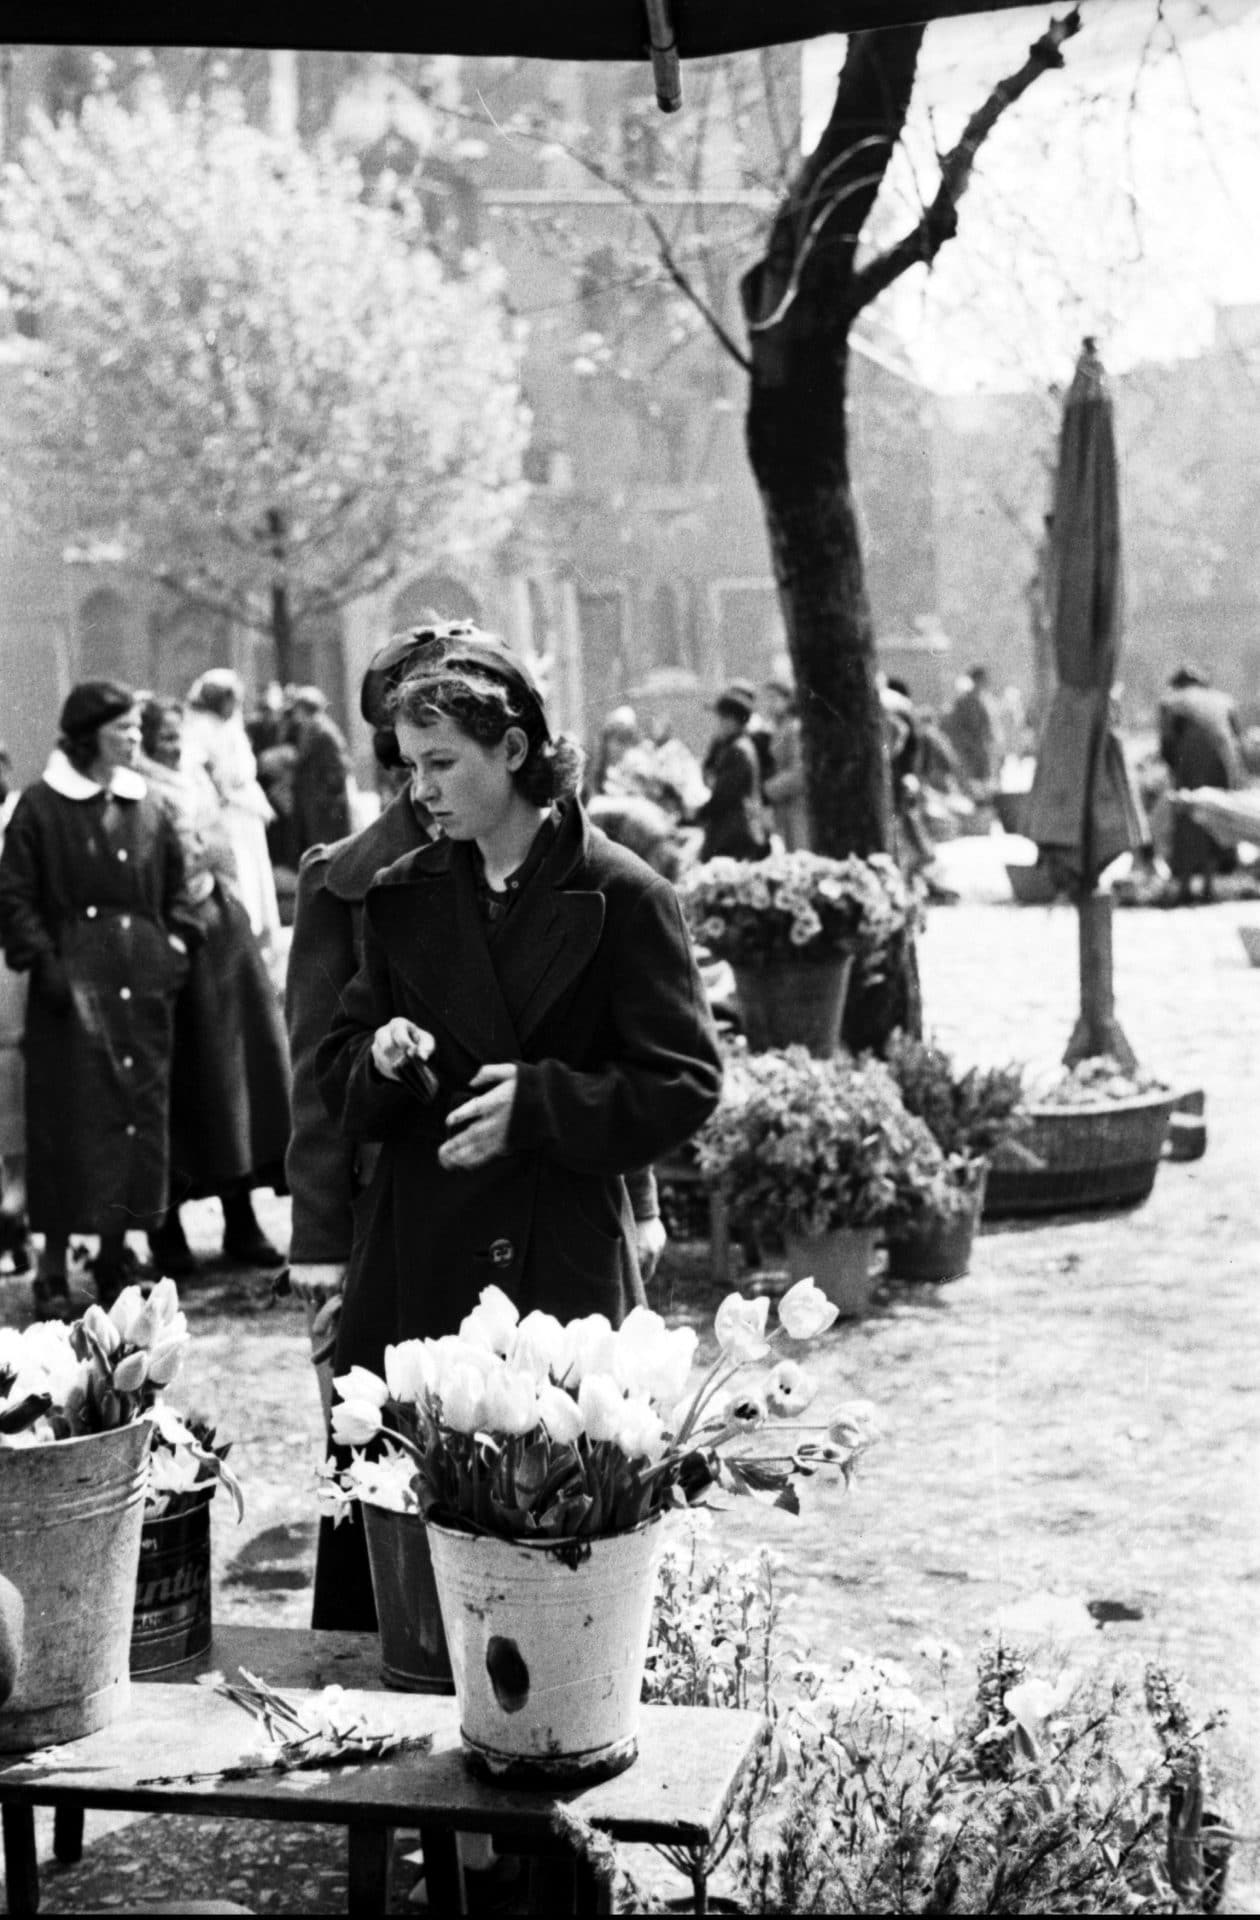 Sprzedaż kwiatów na krakowskim Rynku w latach 30. XX wieku. Źródło: Narodowe Archiwum Cyfrowe.